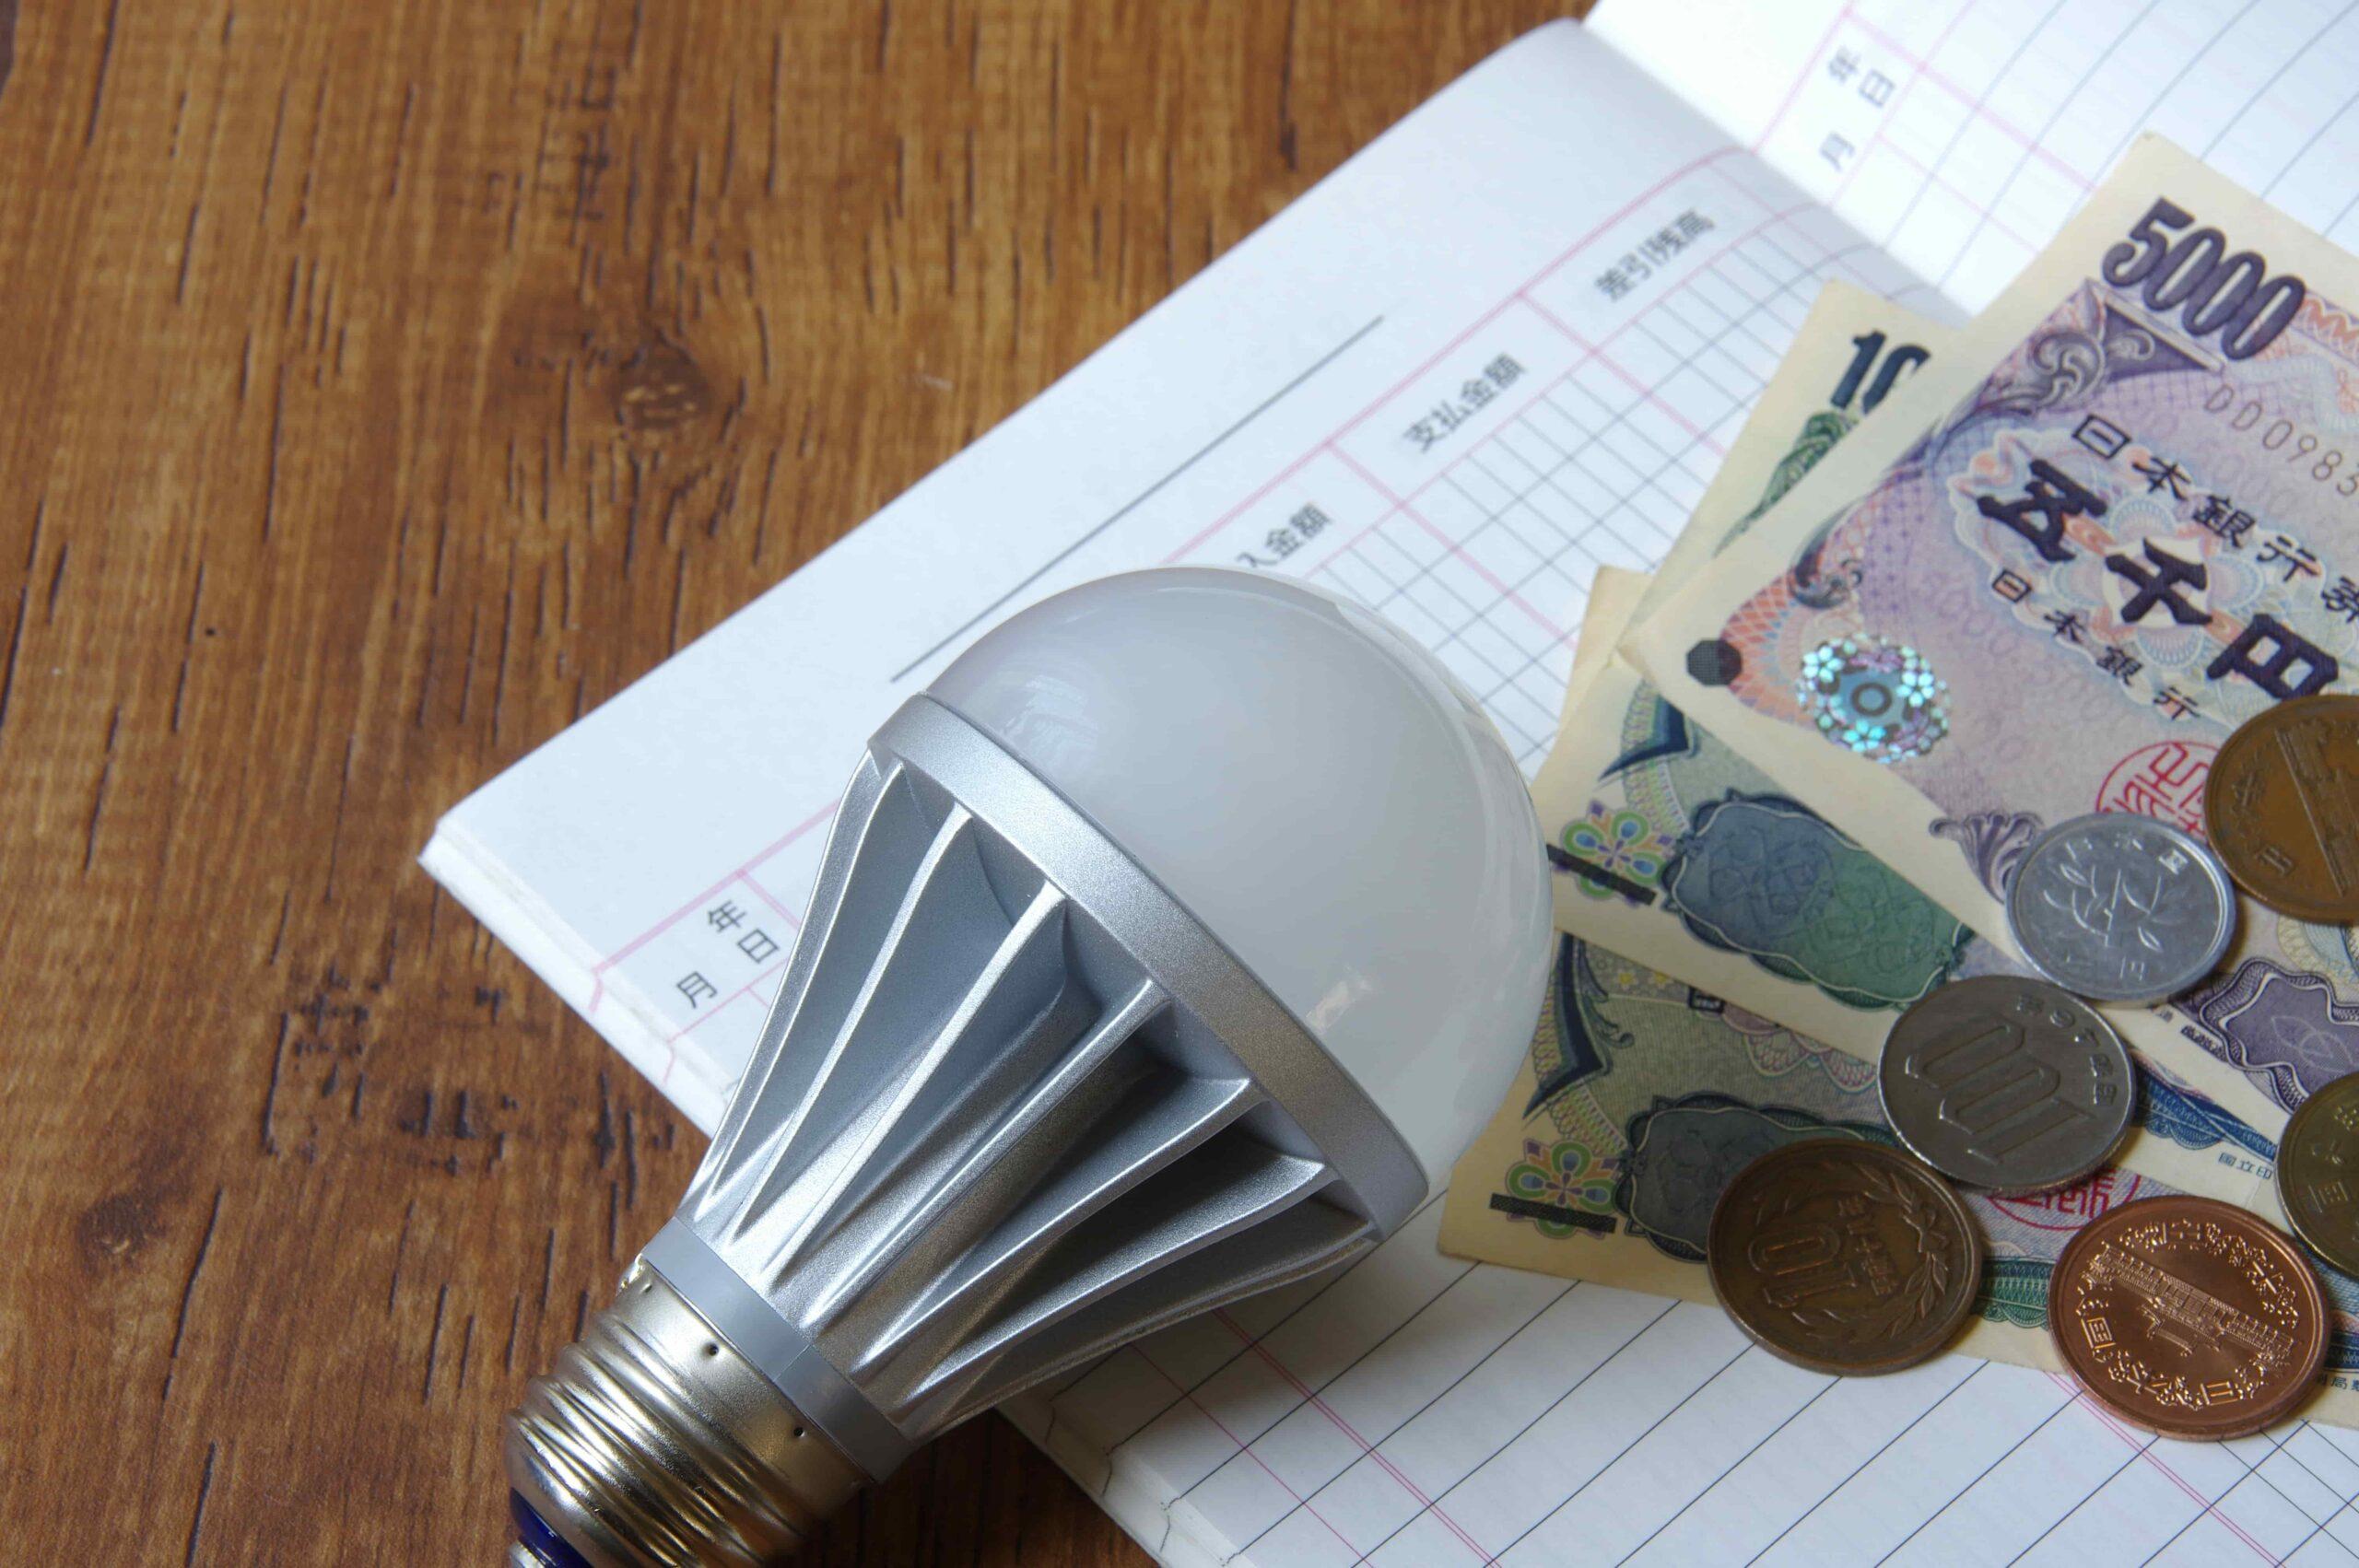 「光熱費が高い!?業務用エアコンの電気代が高くなる原因を徹底解説!」を公開しました。